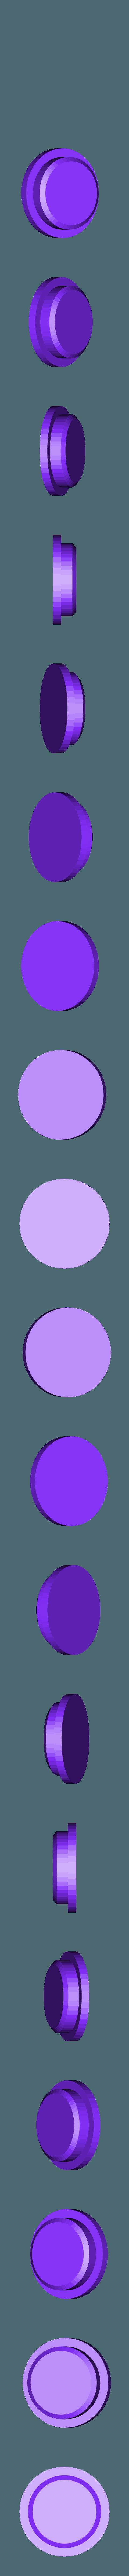 handle_cap-metal_tube_x2.stl Télécharger fichier STL gratuit Ghostbuster Ghostbuster Ghosttrap • Modèle pour impression 3D, SLIDES